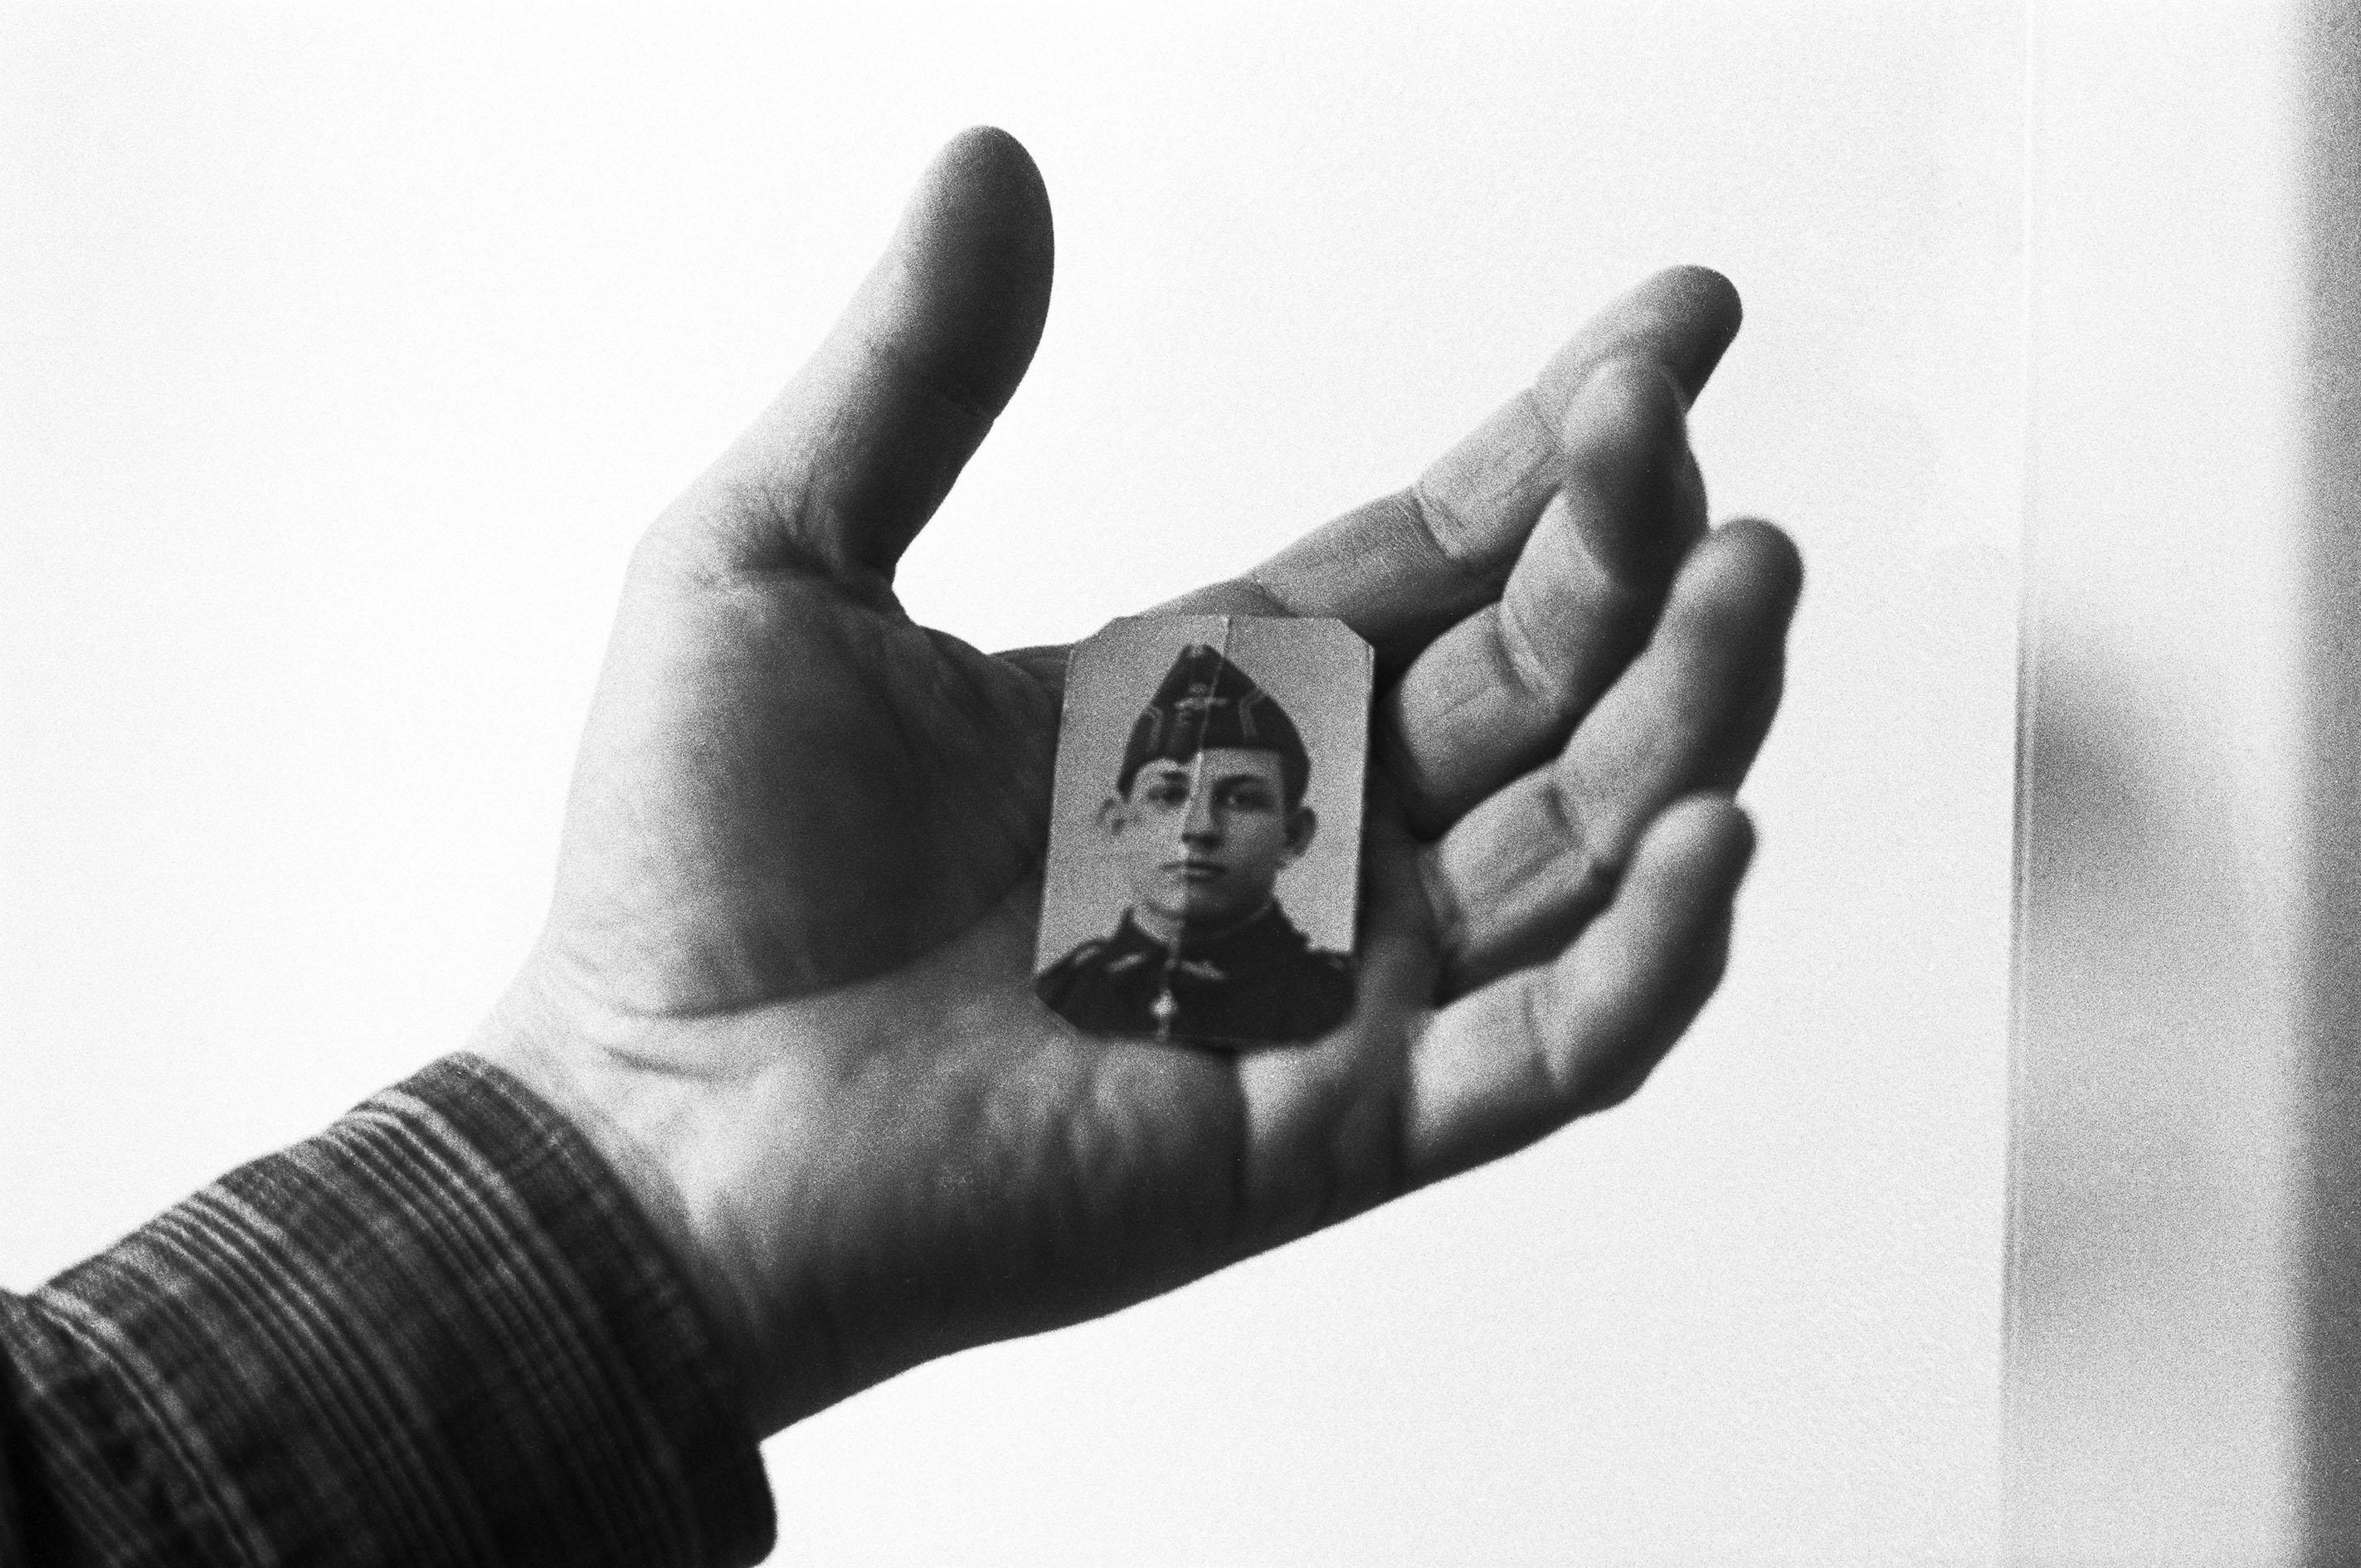 4e86a42c74 Il ritratto di un giovane combattente repubblicano scomparso in una fossa di  Franco, Malaga, 2001